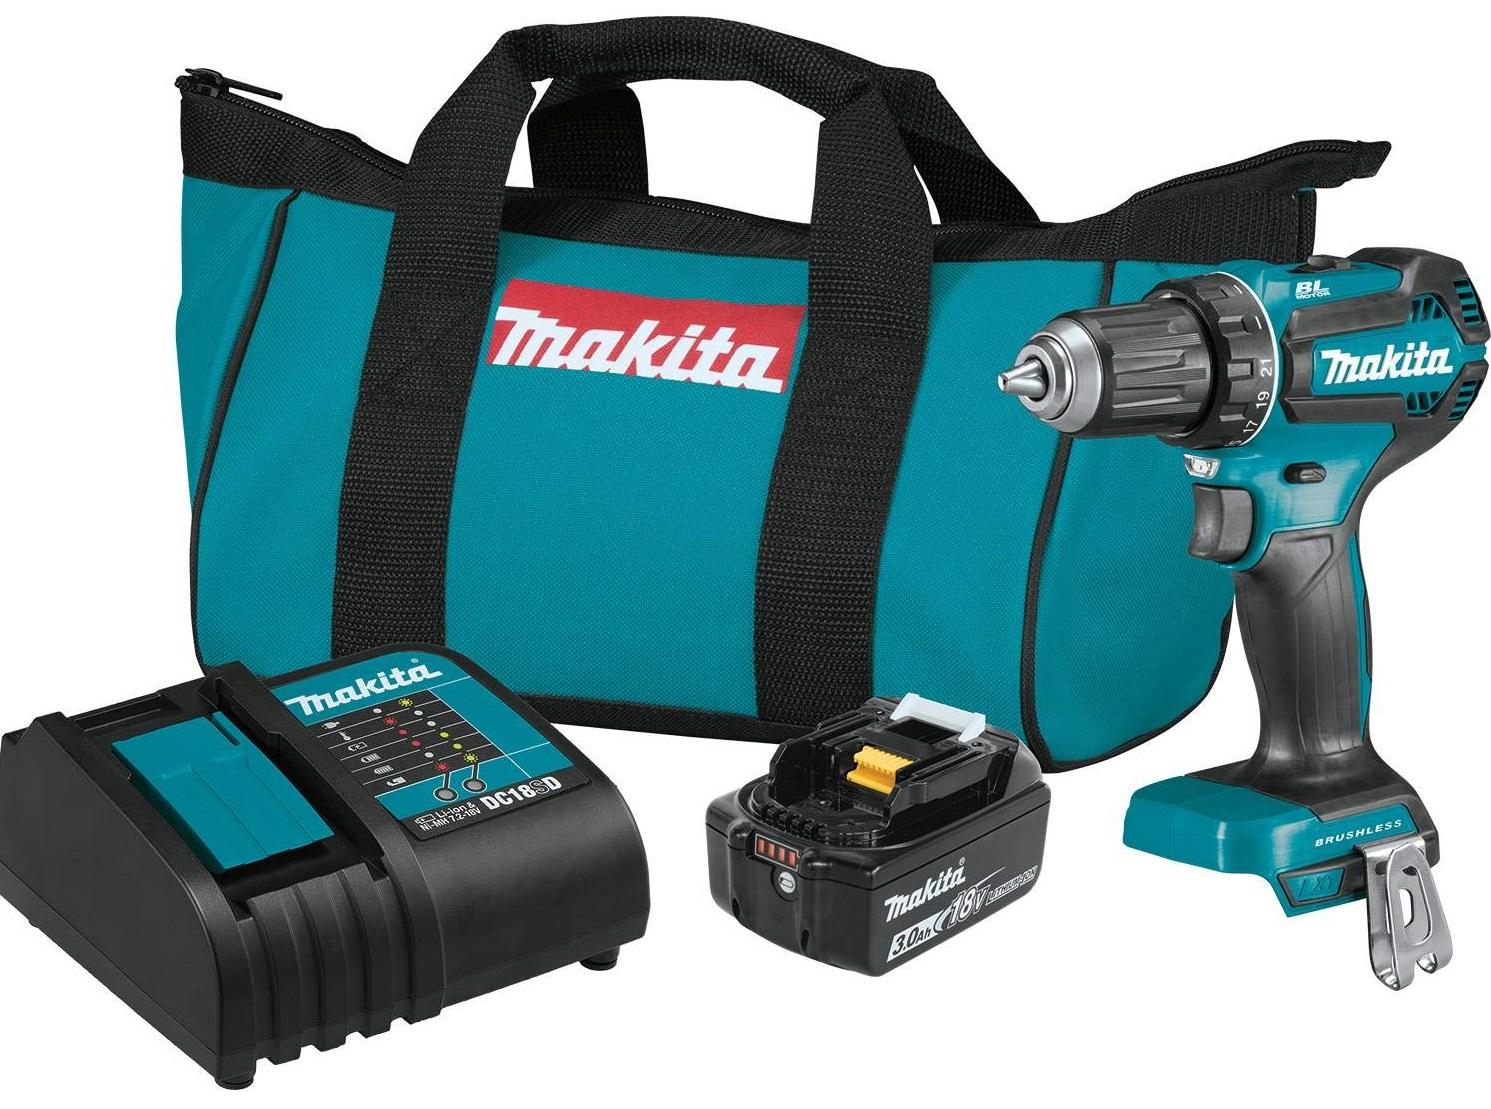 Makita XFD131 Brushless Cordless Drill Kit